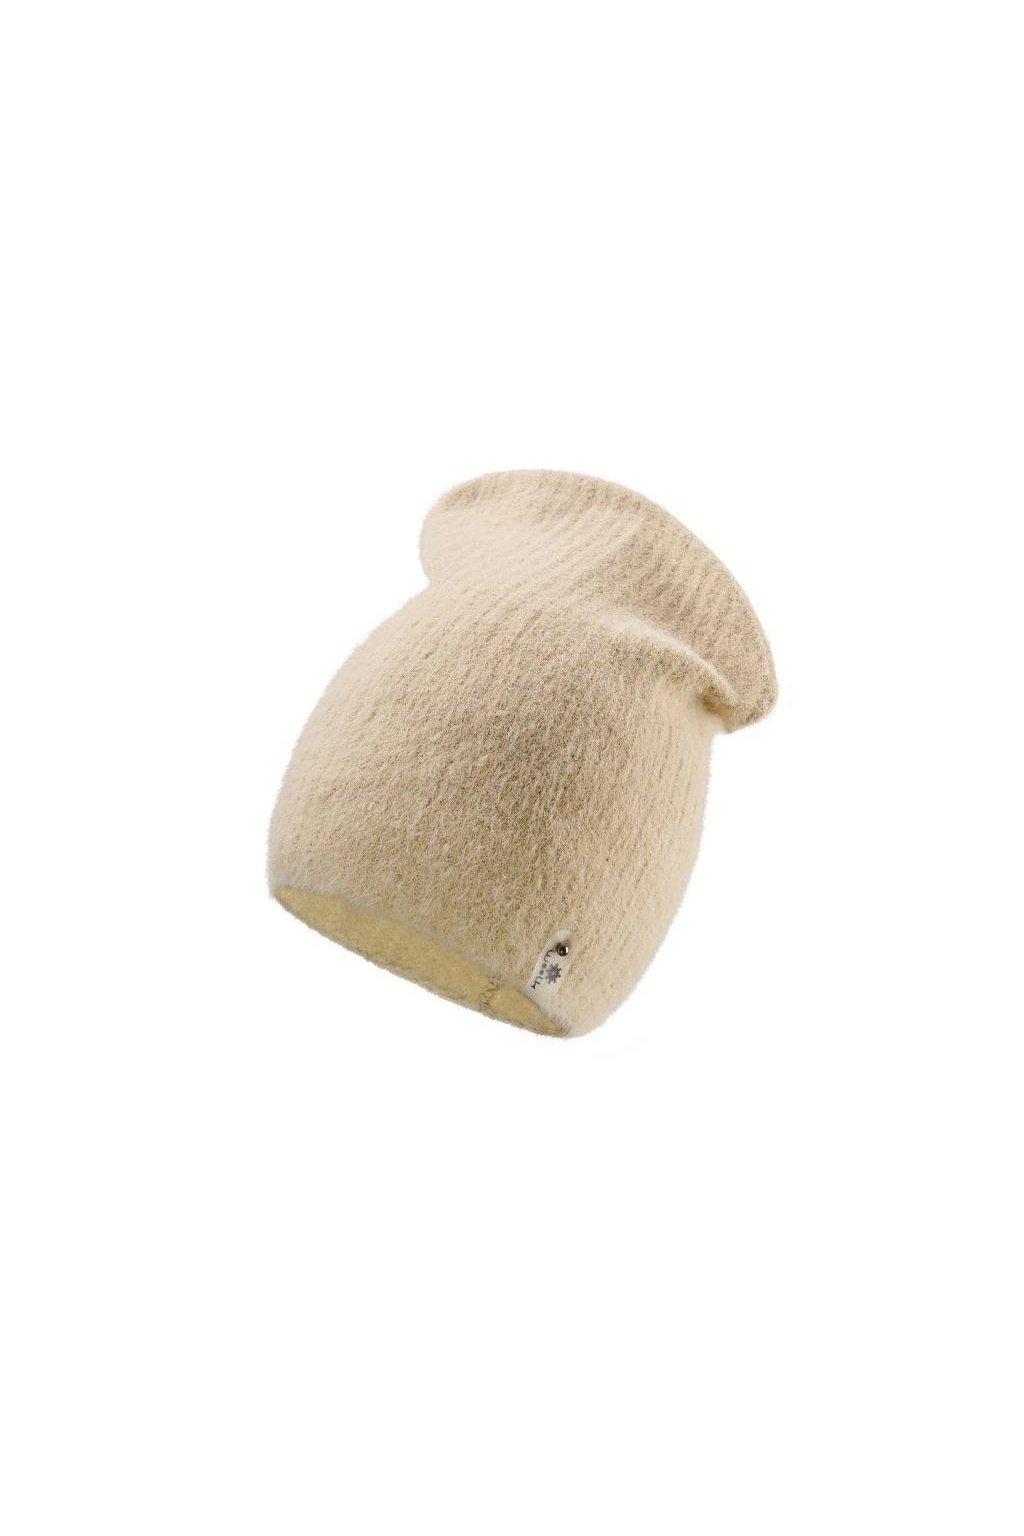 ČEPICE woolk LARA BÉŽOVÁ ČEPICE